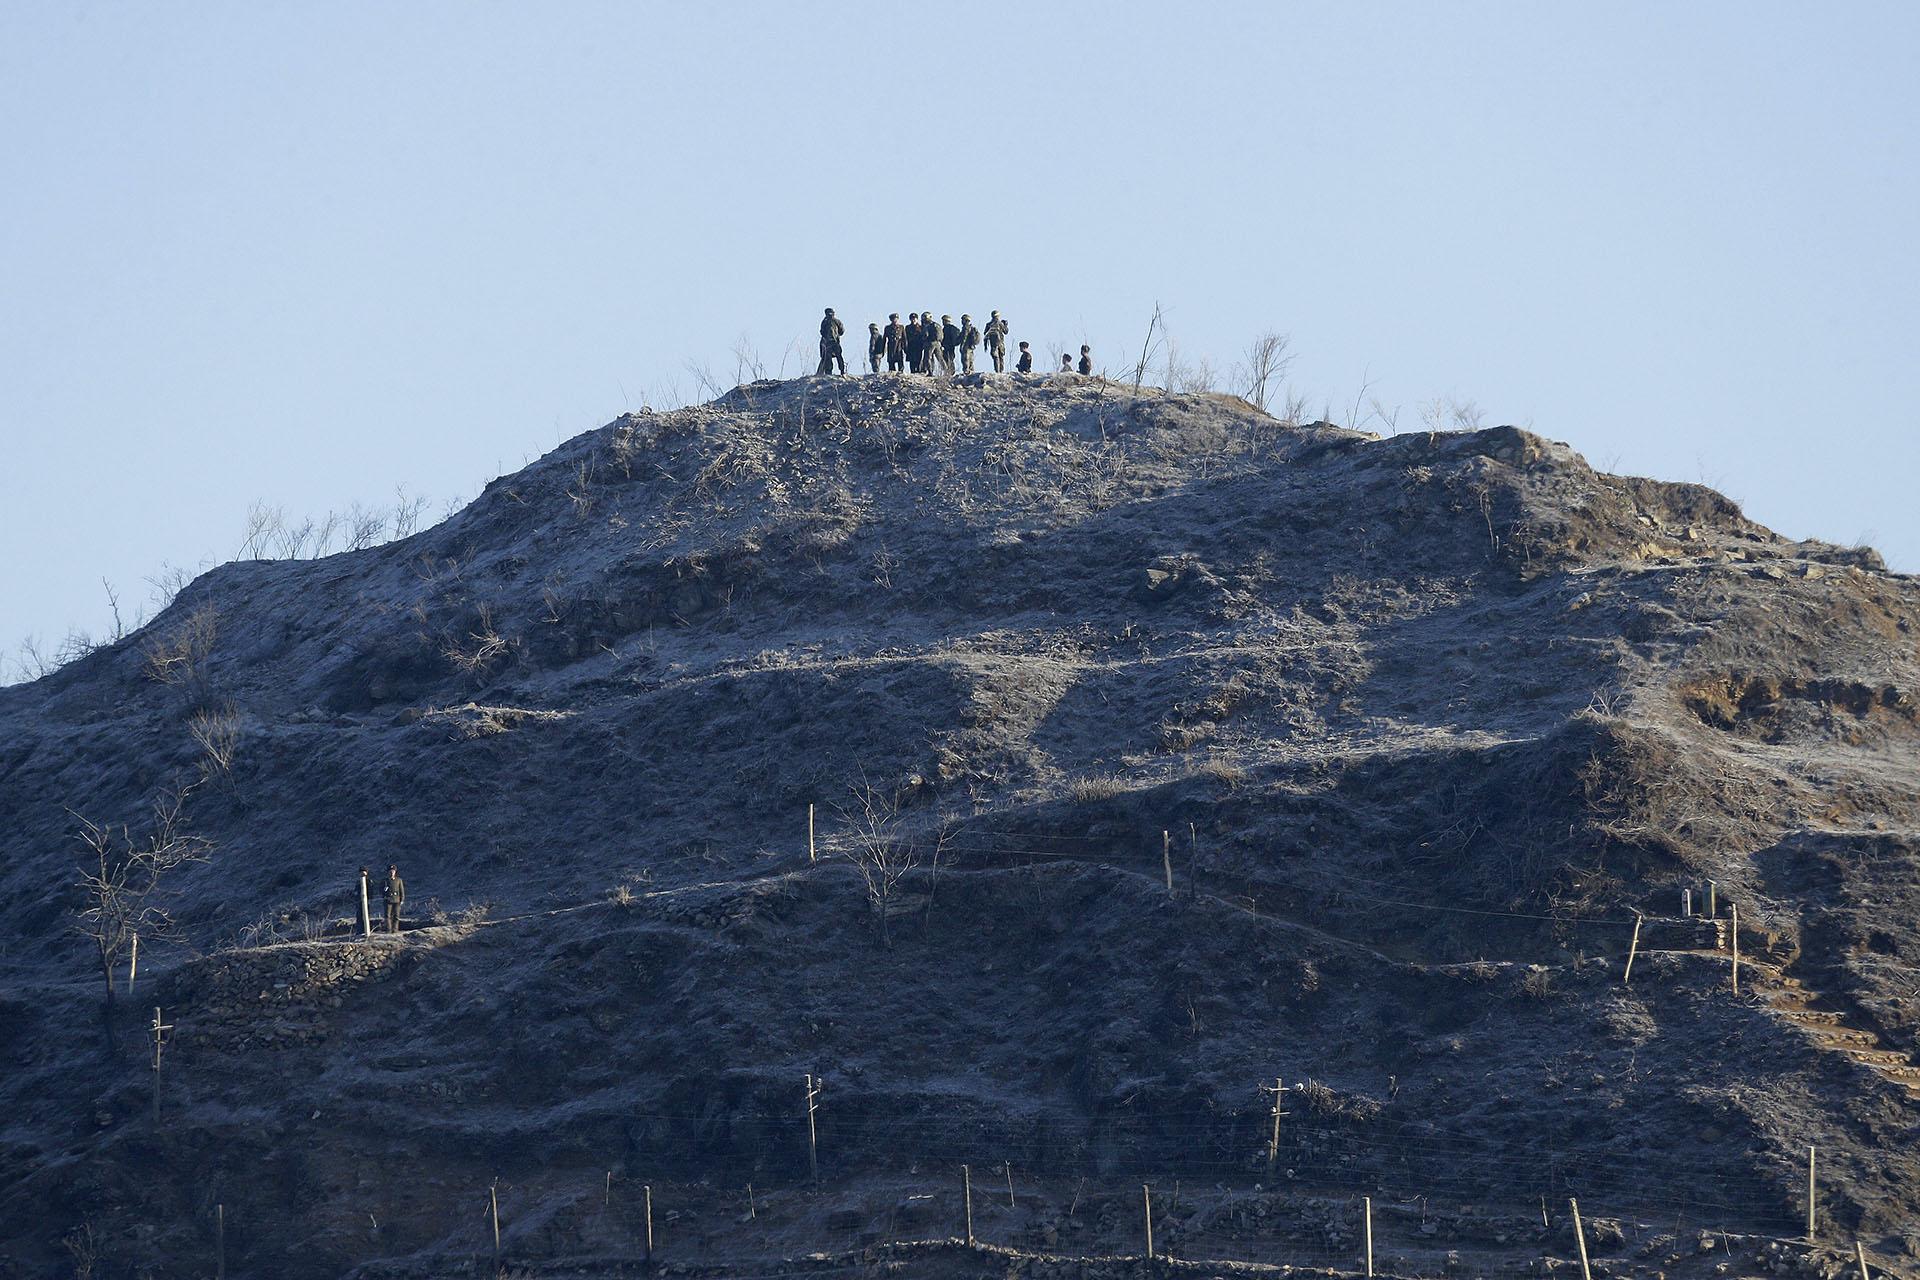 Soldados del ejército de Corea del Sur (con cintas amarillas en la cabeza) y sus homólogos de Corea del Norte inspeccionan el desmantelado puesto de guardia de Corea del Norte dentro de la Zona Desmilitarizada (DMZ) en la sección central de la frontera intercoreana en Cheorwon, Corea del Sur, el 12 de diciembre de 2018. (AFP)